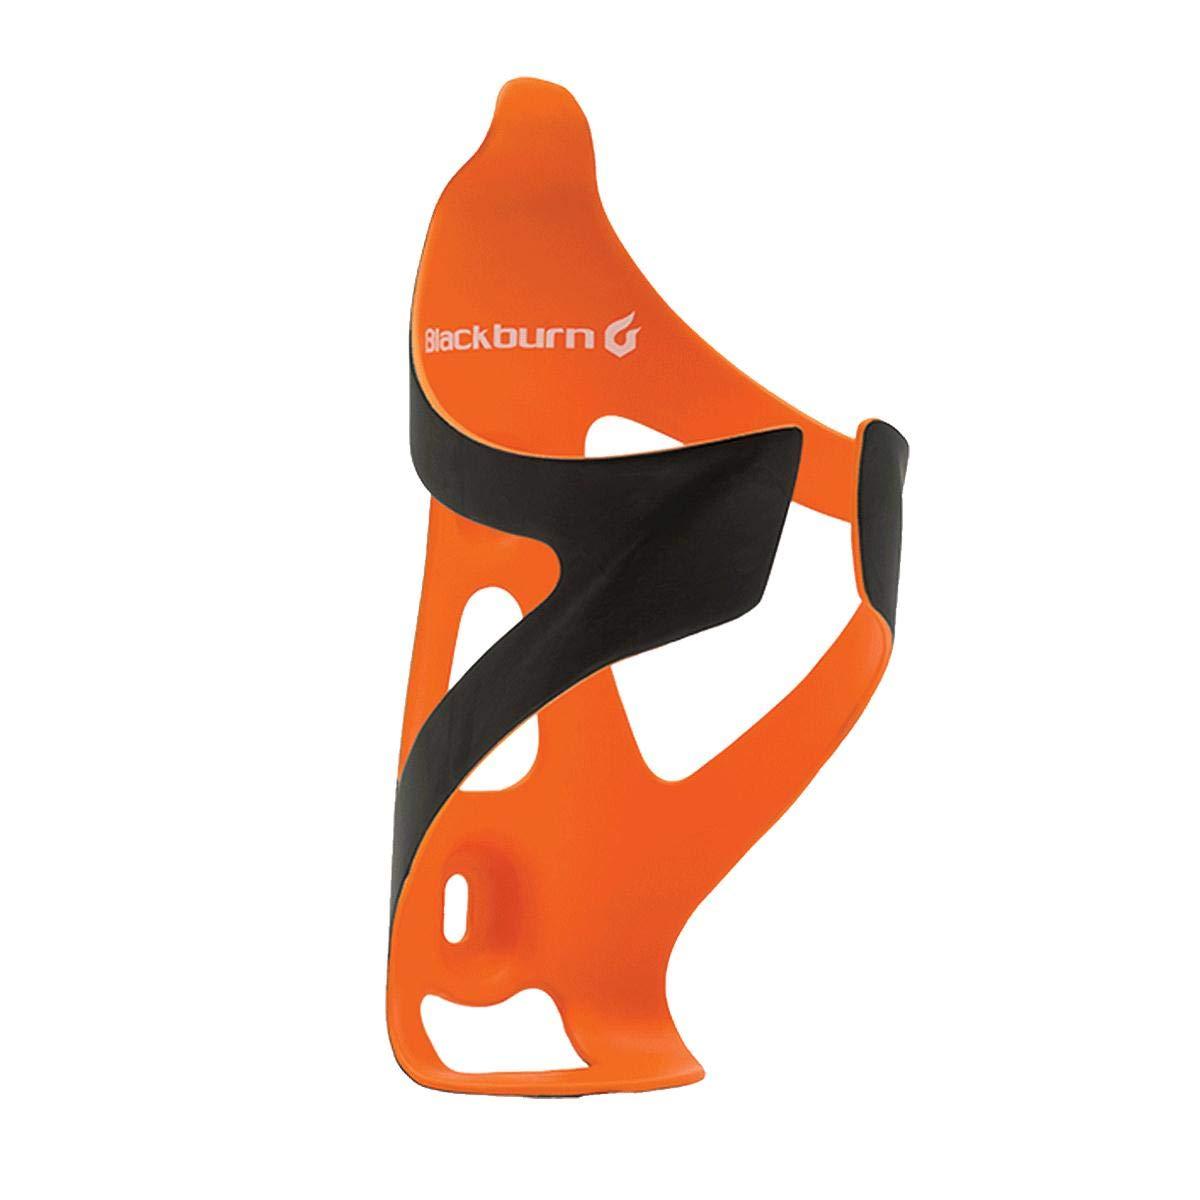 Blackburn Carbon UD Bottle Cage - Matte Orange